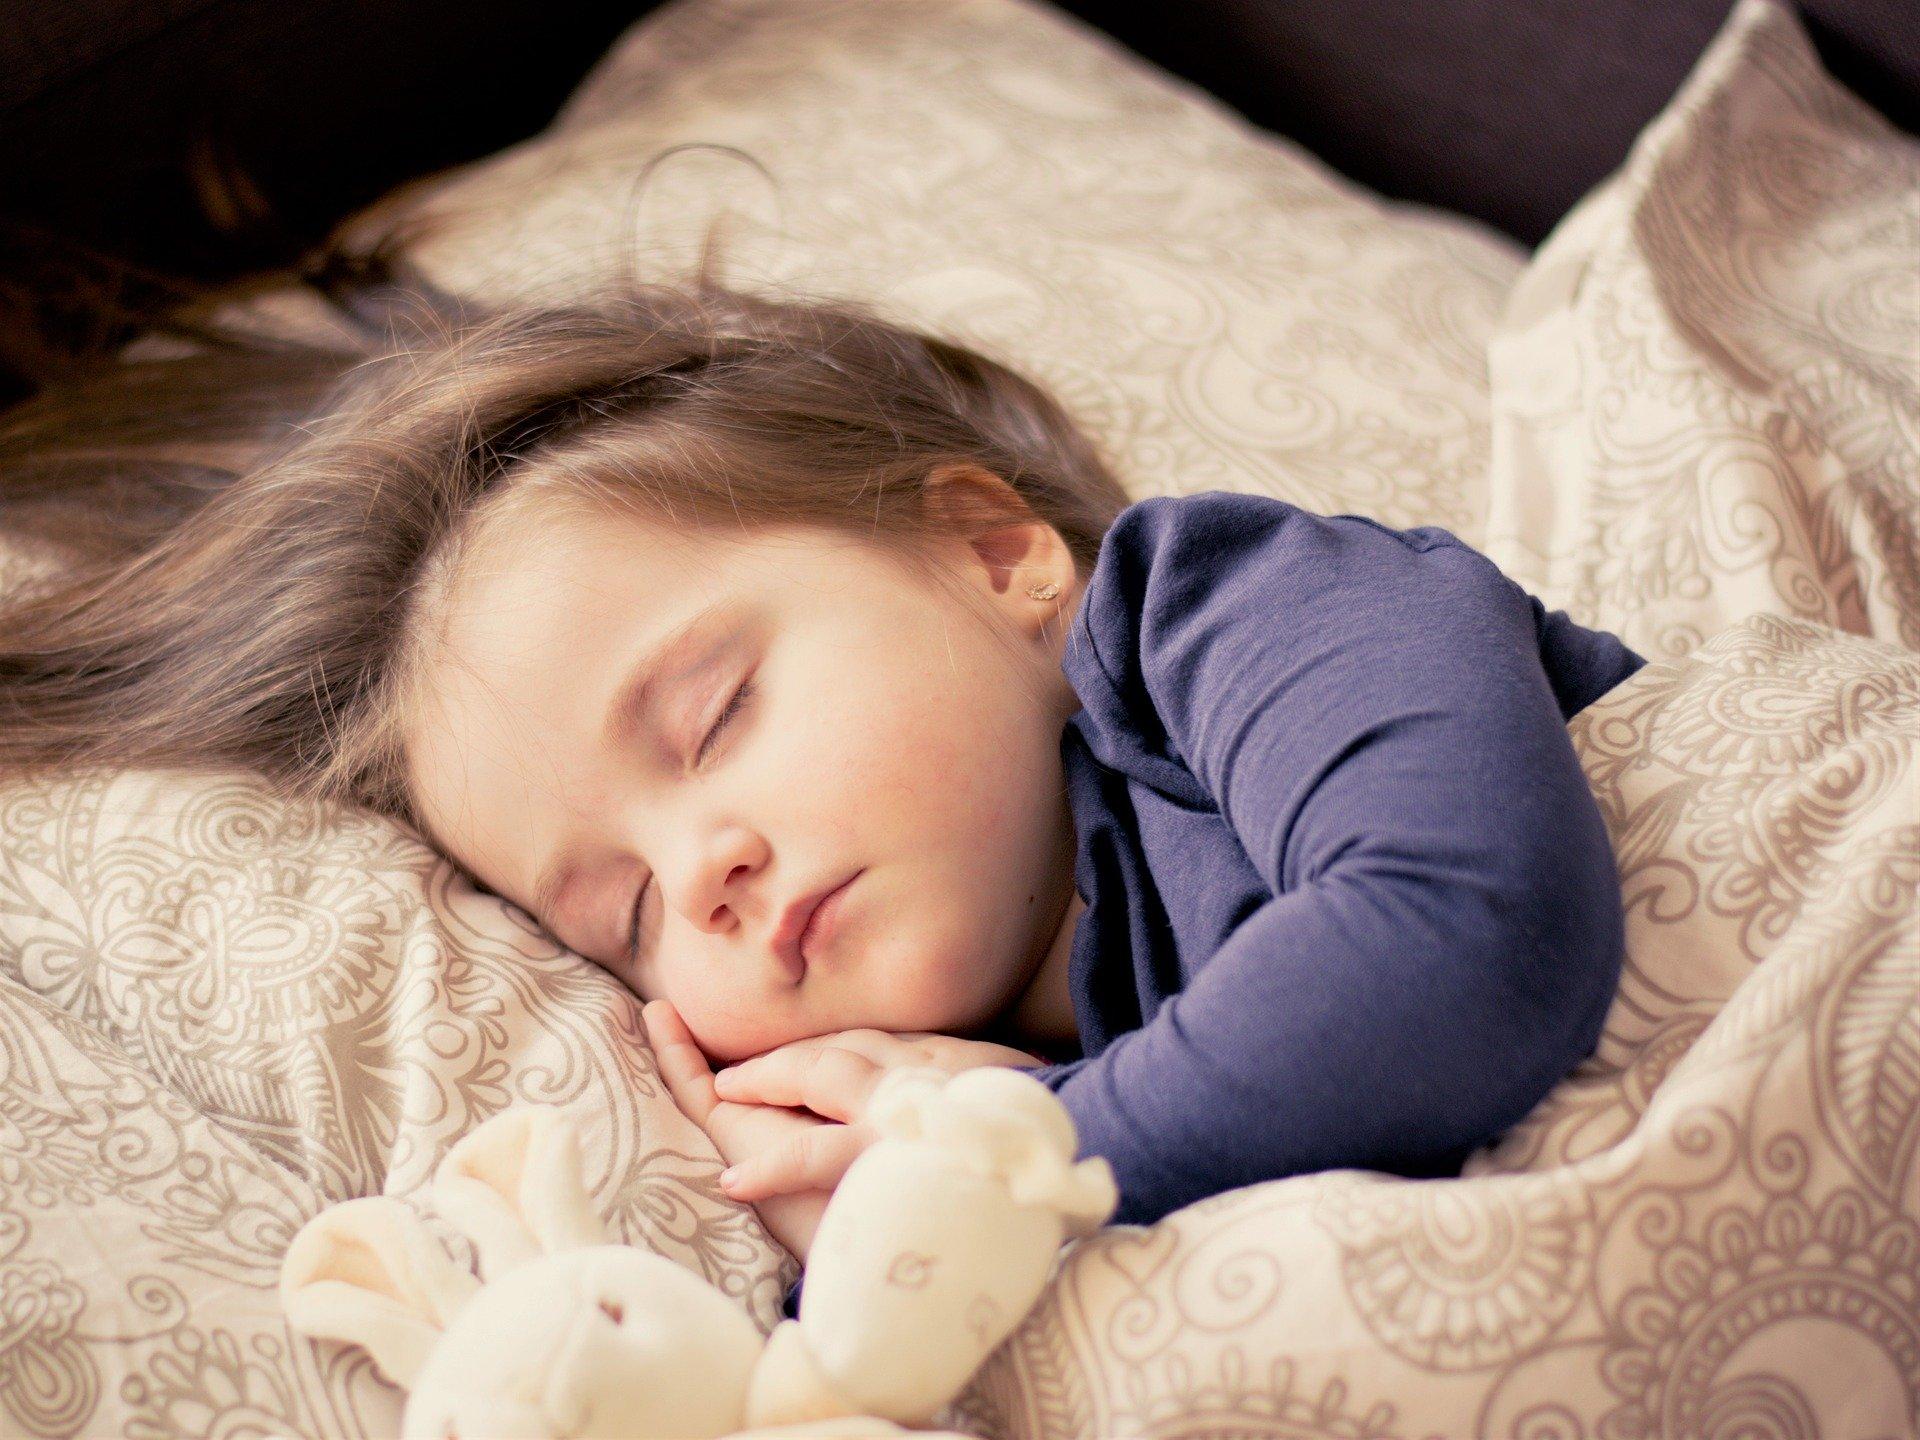 ぬいぐるみと幼児の可愛い寝顔